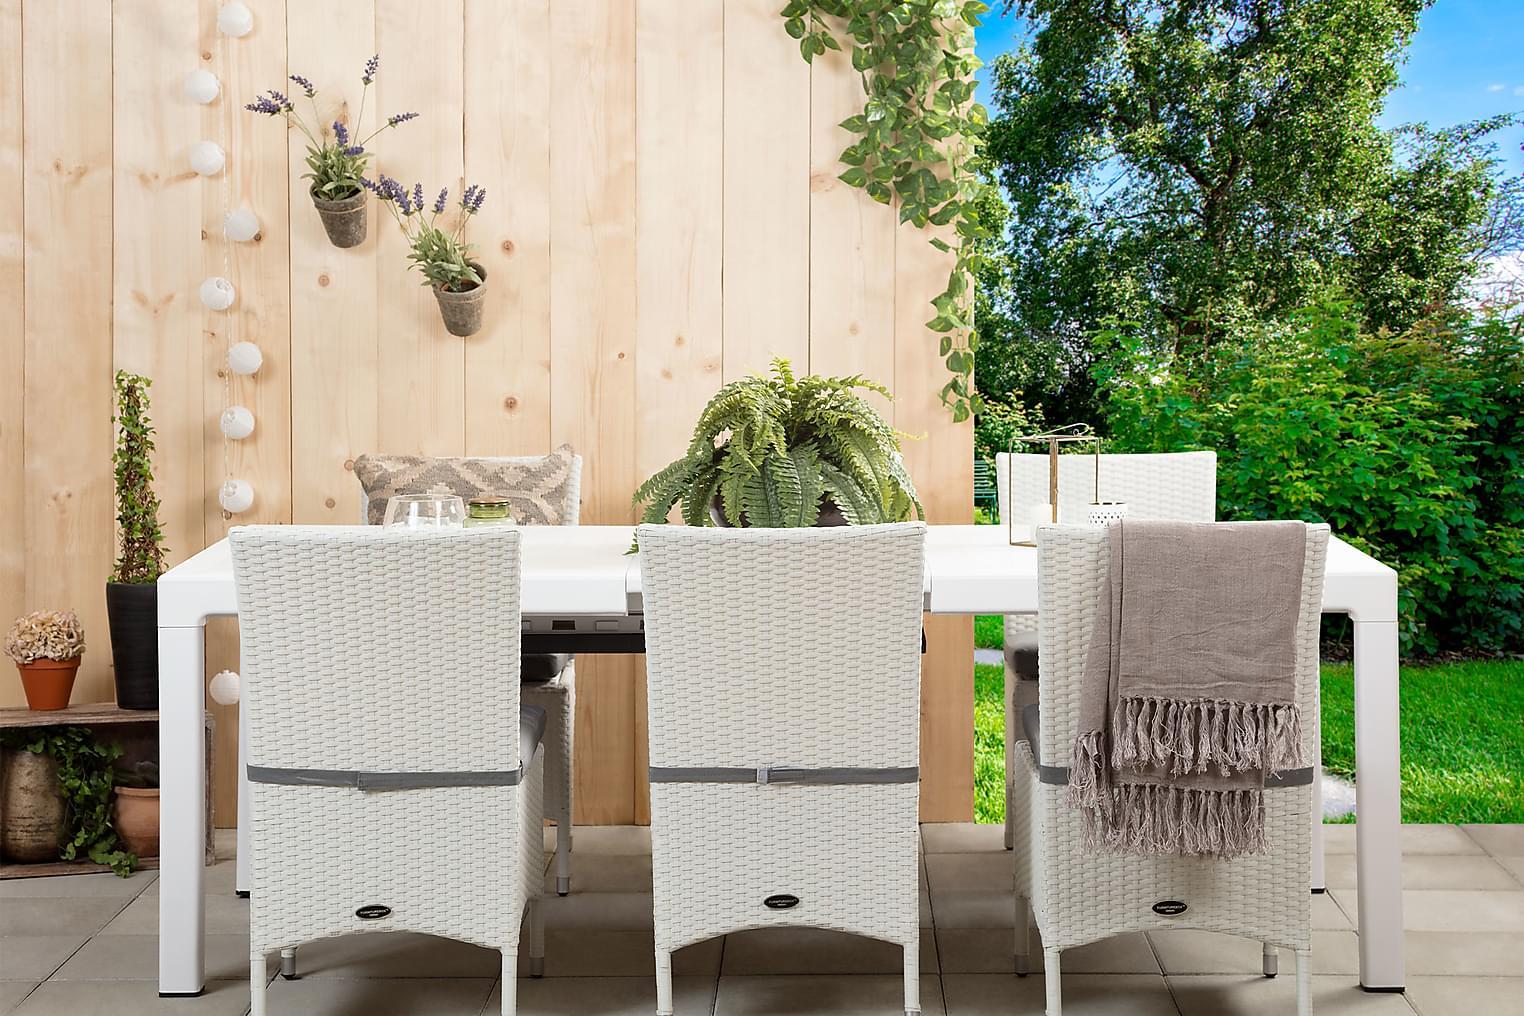 CAYMAN Pöytä 162 Valkoinen + 6 ARUBA Tuolia Valkoinen/Harmaa